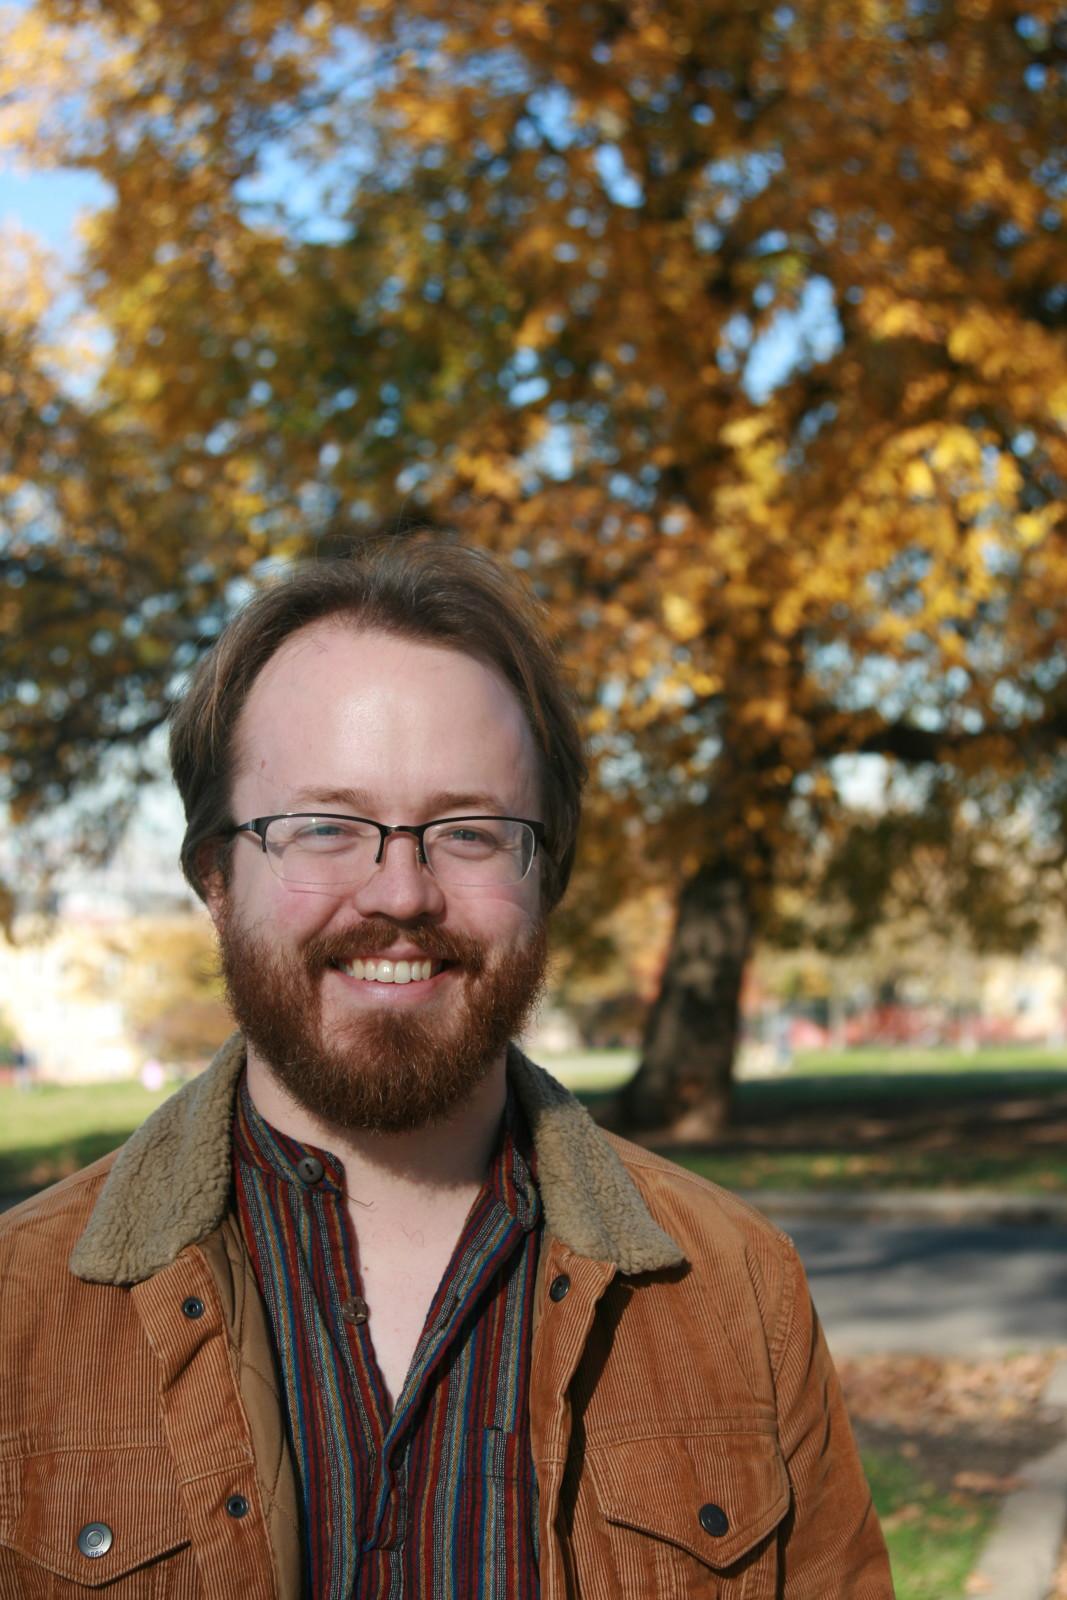 John Linstrom